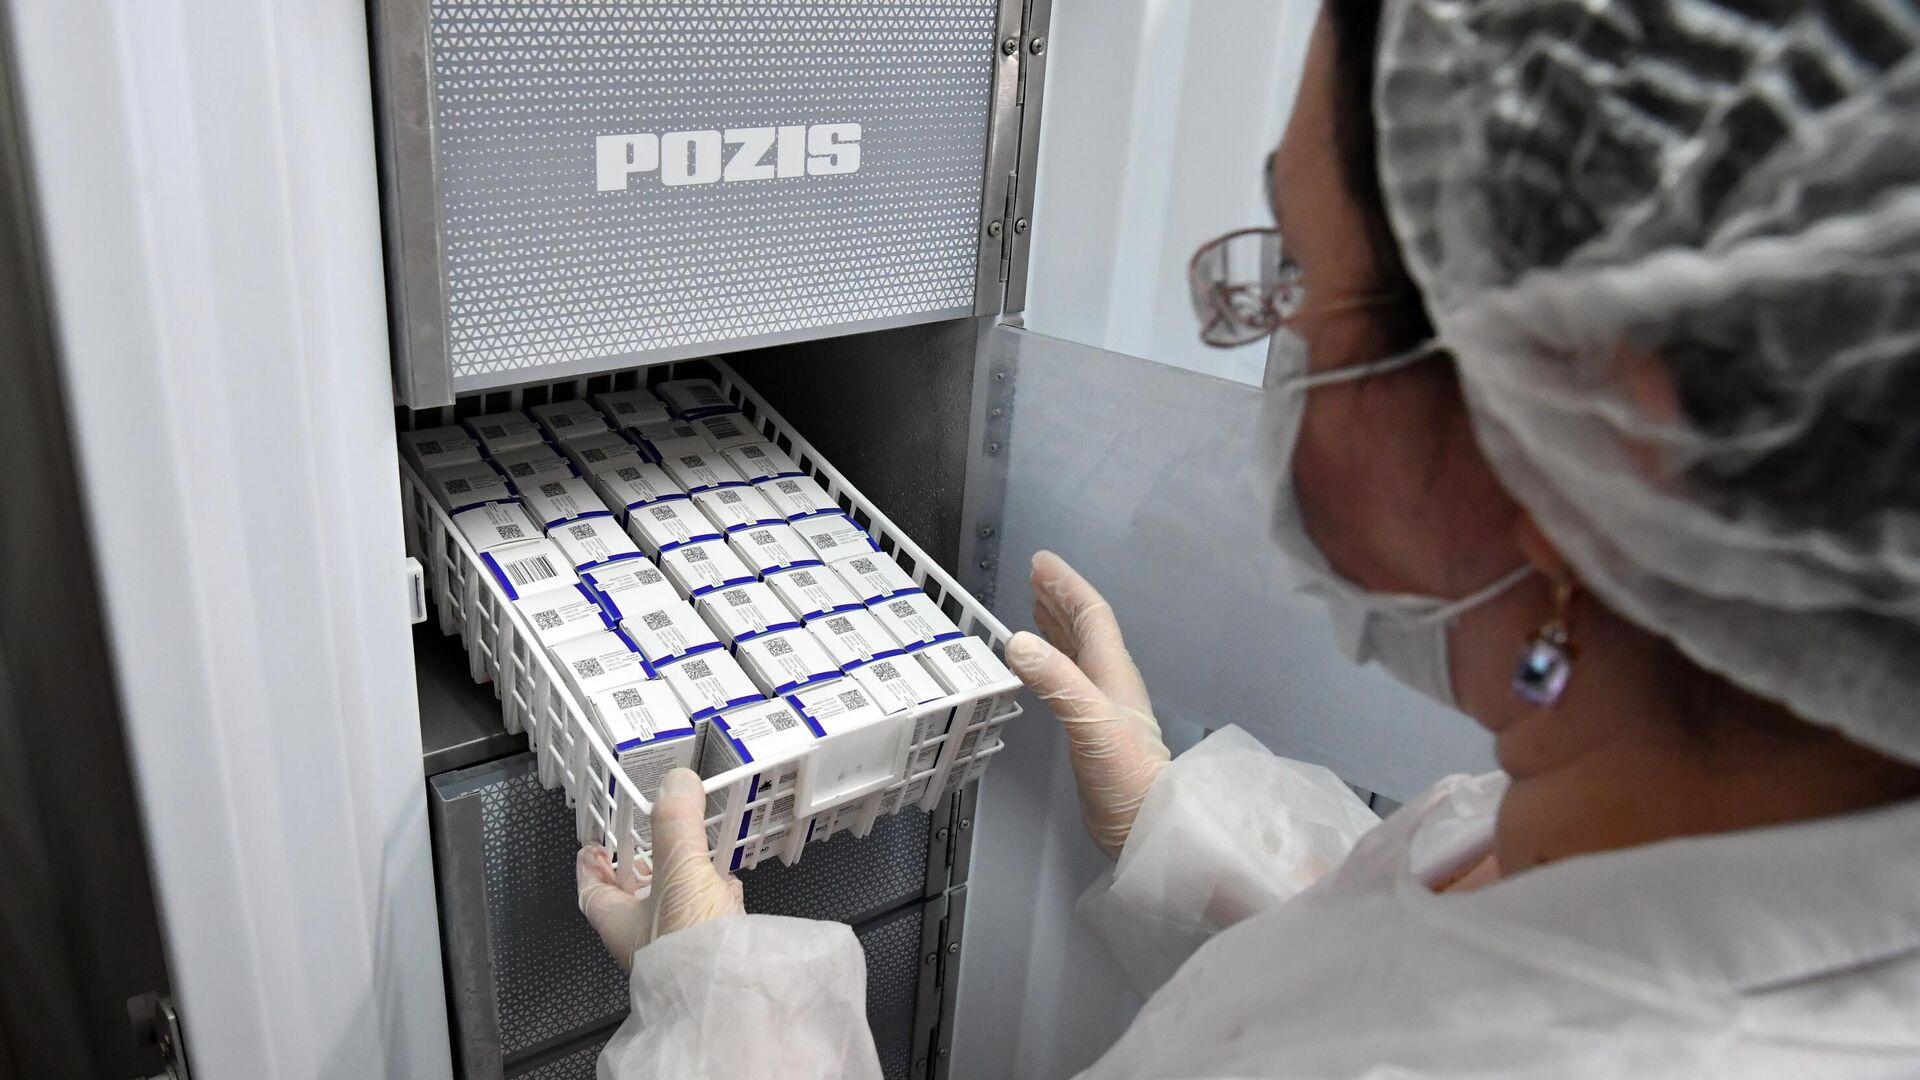 Медработник достает из холодильника вакцину Спутник V от коронавируса COVID-1 - РИА Новости, 1920, 16.01.2021